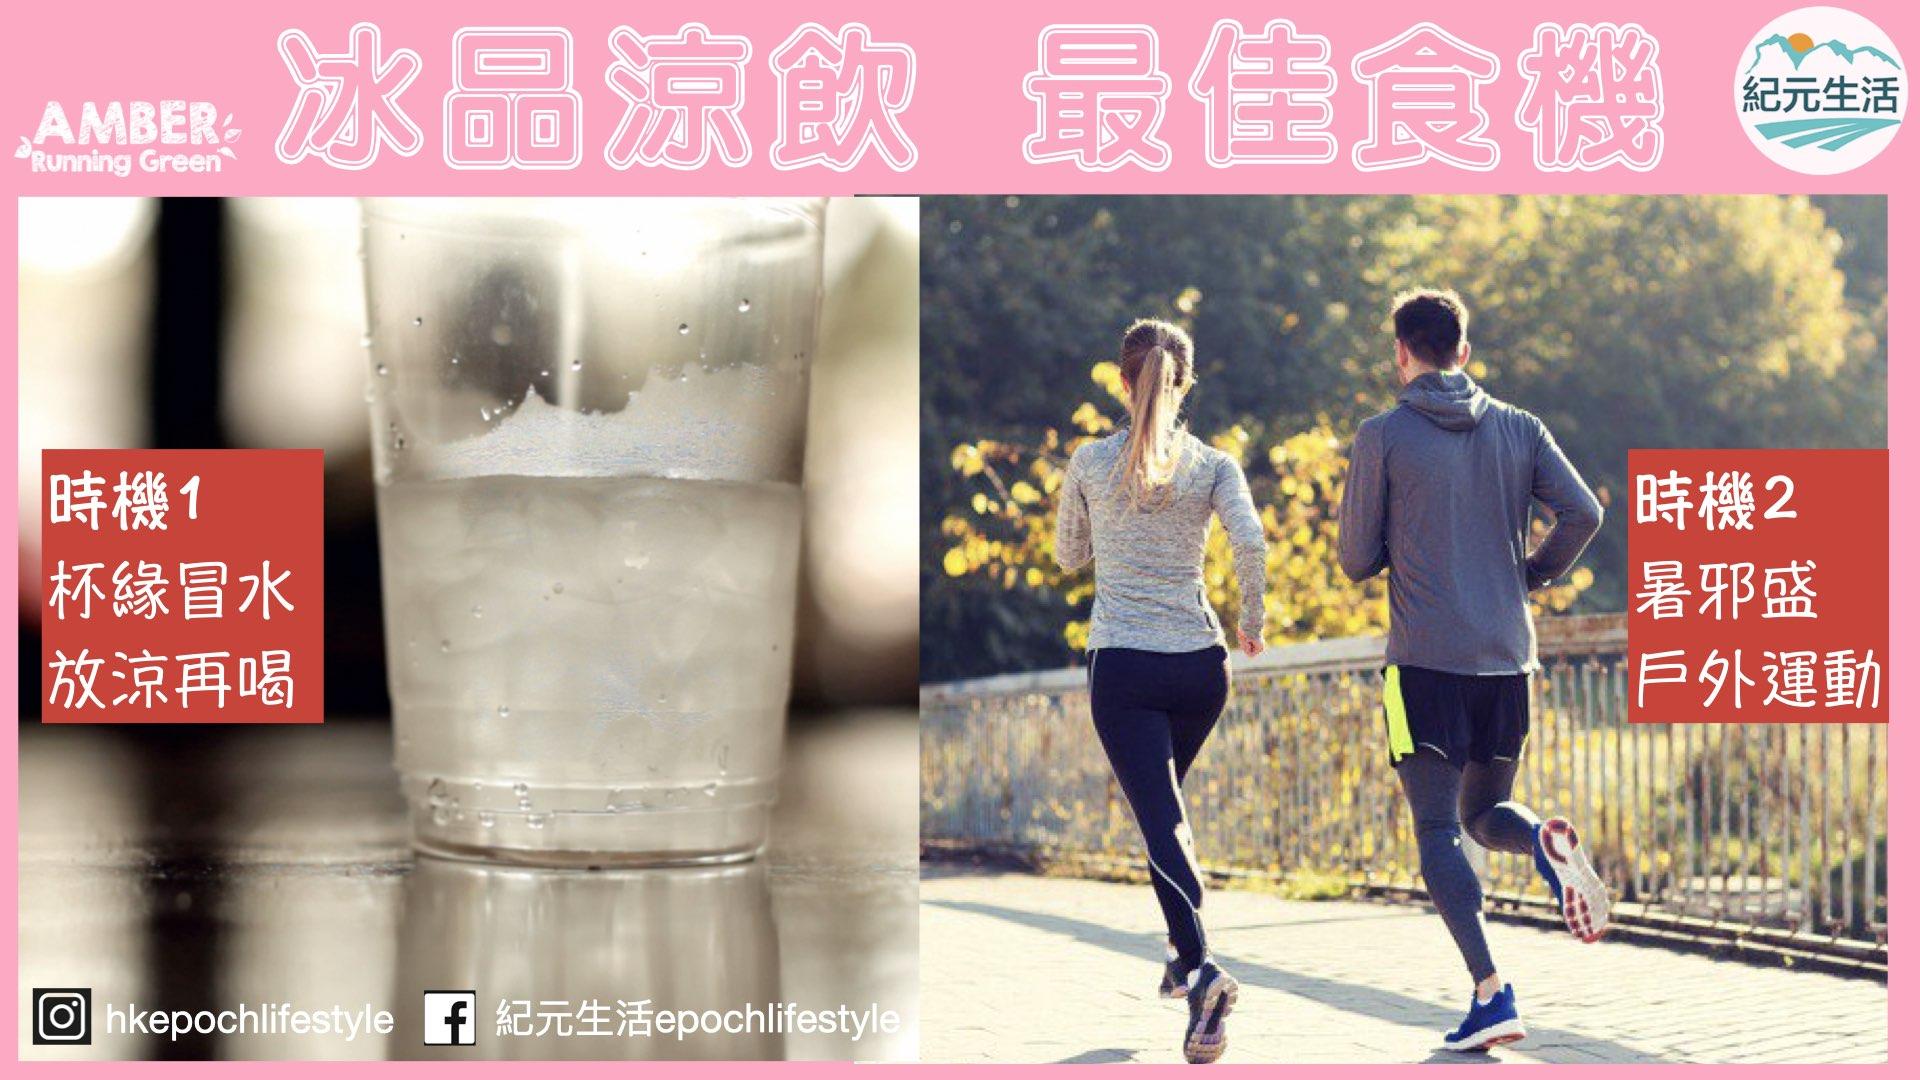 廖婉絨說吃冰不宜,但放涼可飲,還有在炎夏戶外運動者,可飲些涼飲幫助消暑。(紀元生活製圖)